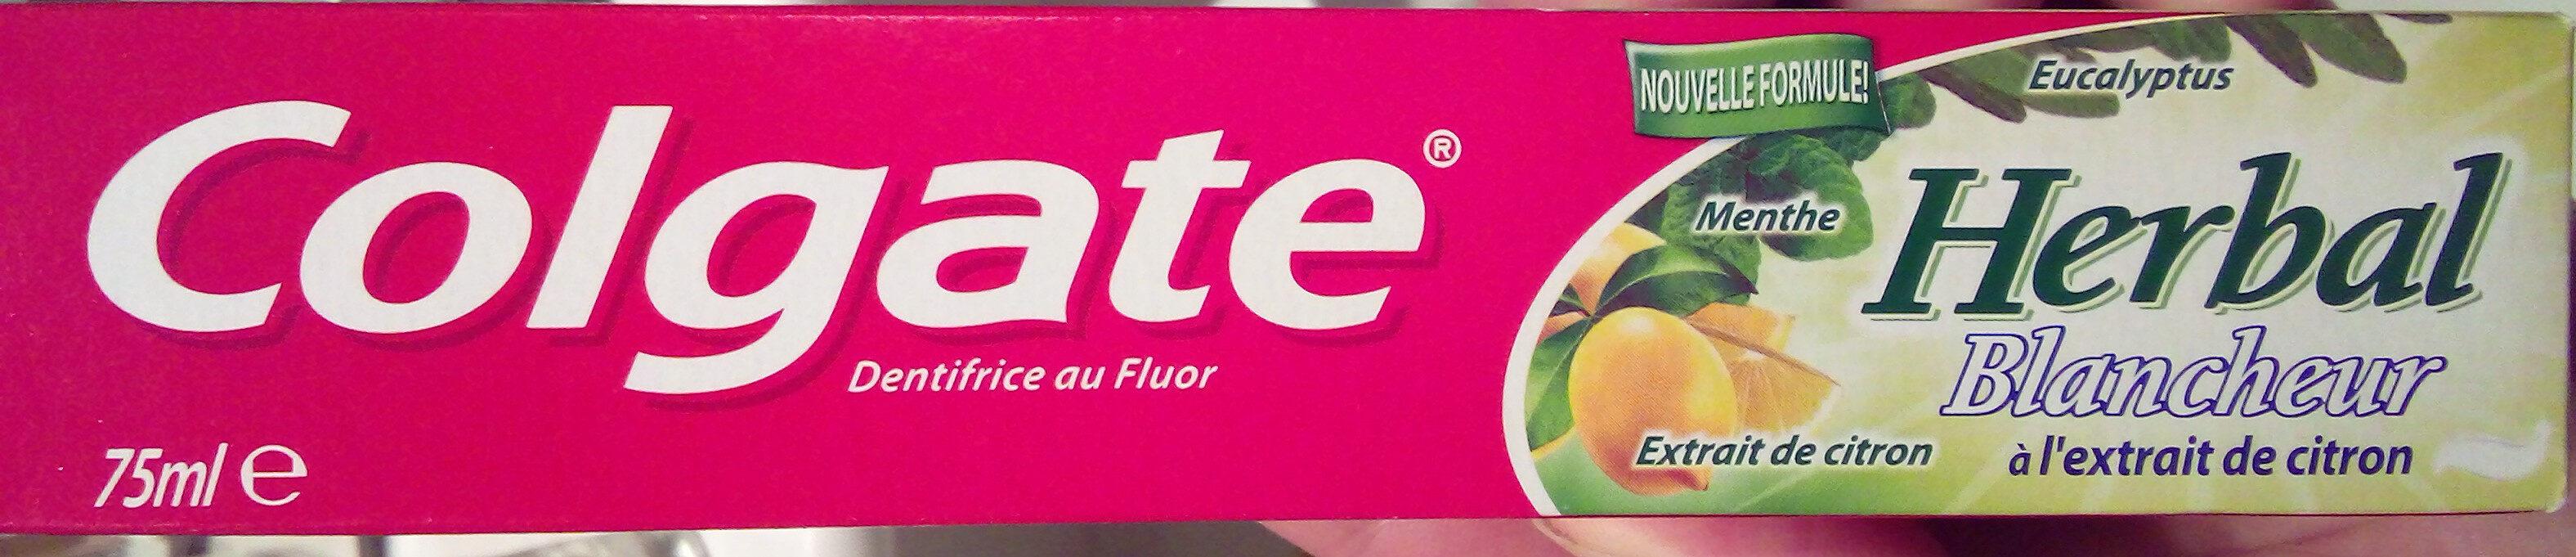 Herbal Blancheur à l'extrait de citron - Product - fr